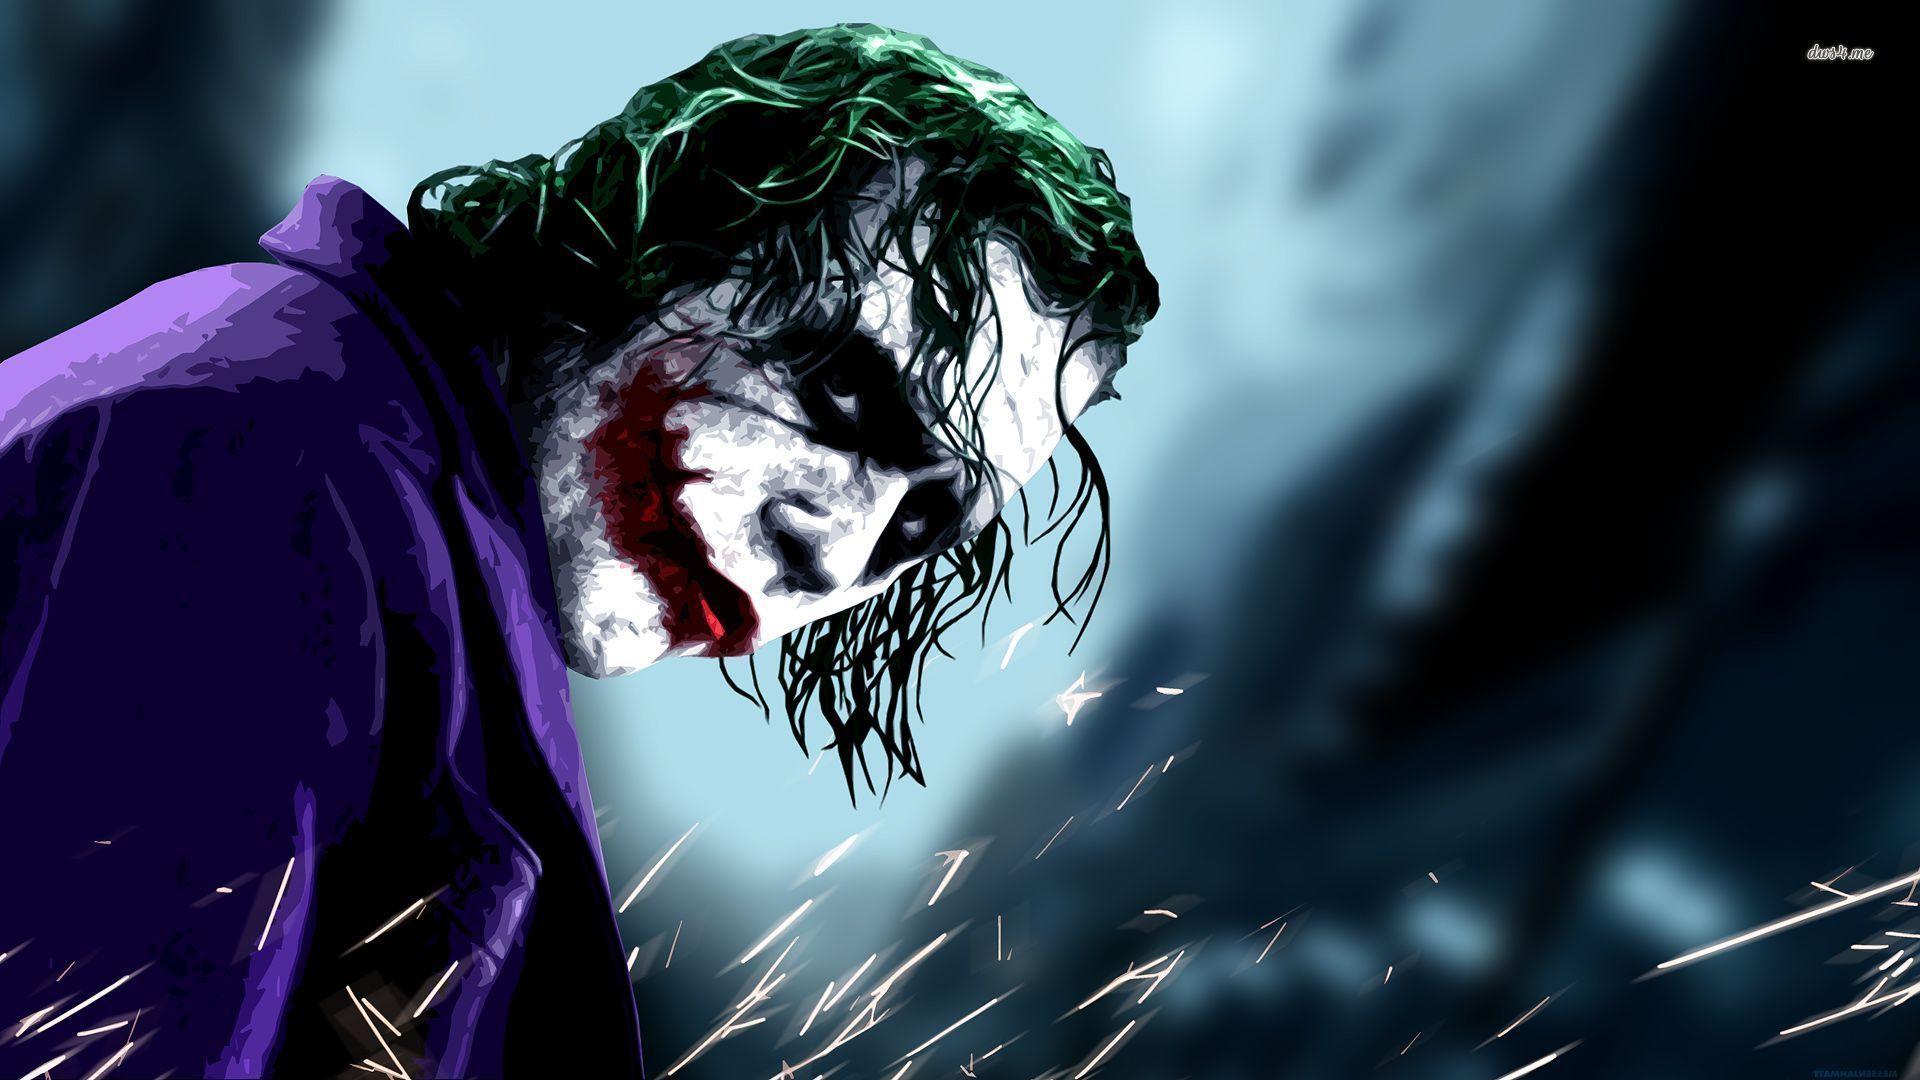 joker hd wallpapers 1080p | joker | heath ledger joker, joker heath